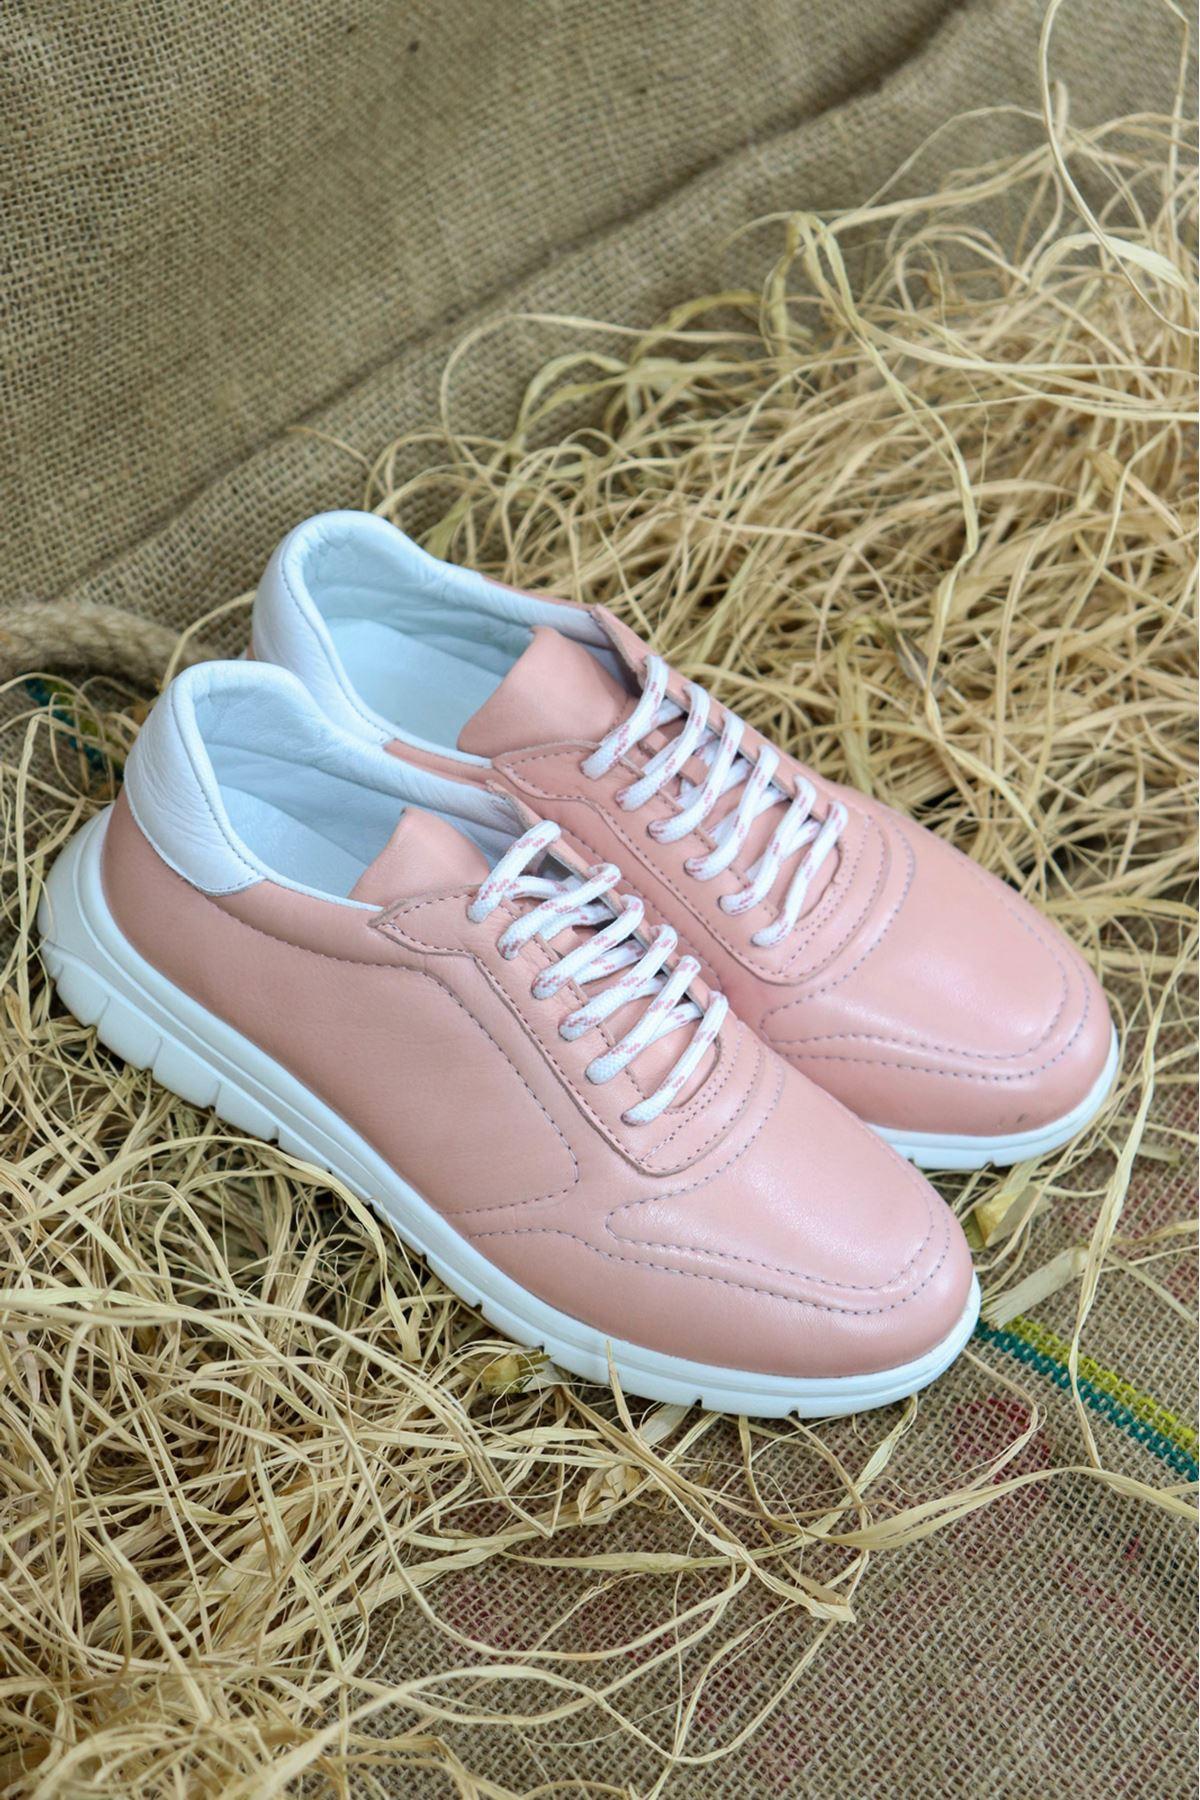 Libero - LZ3389 Pudra Eva Hazır Antik Kadın Spor Ayakkabısı